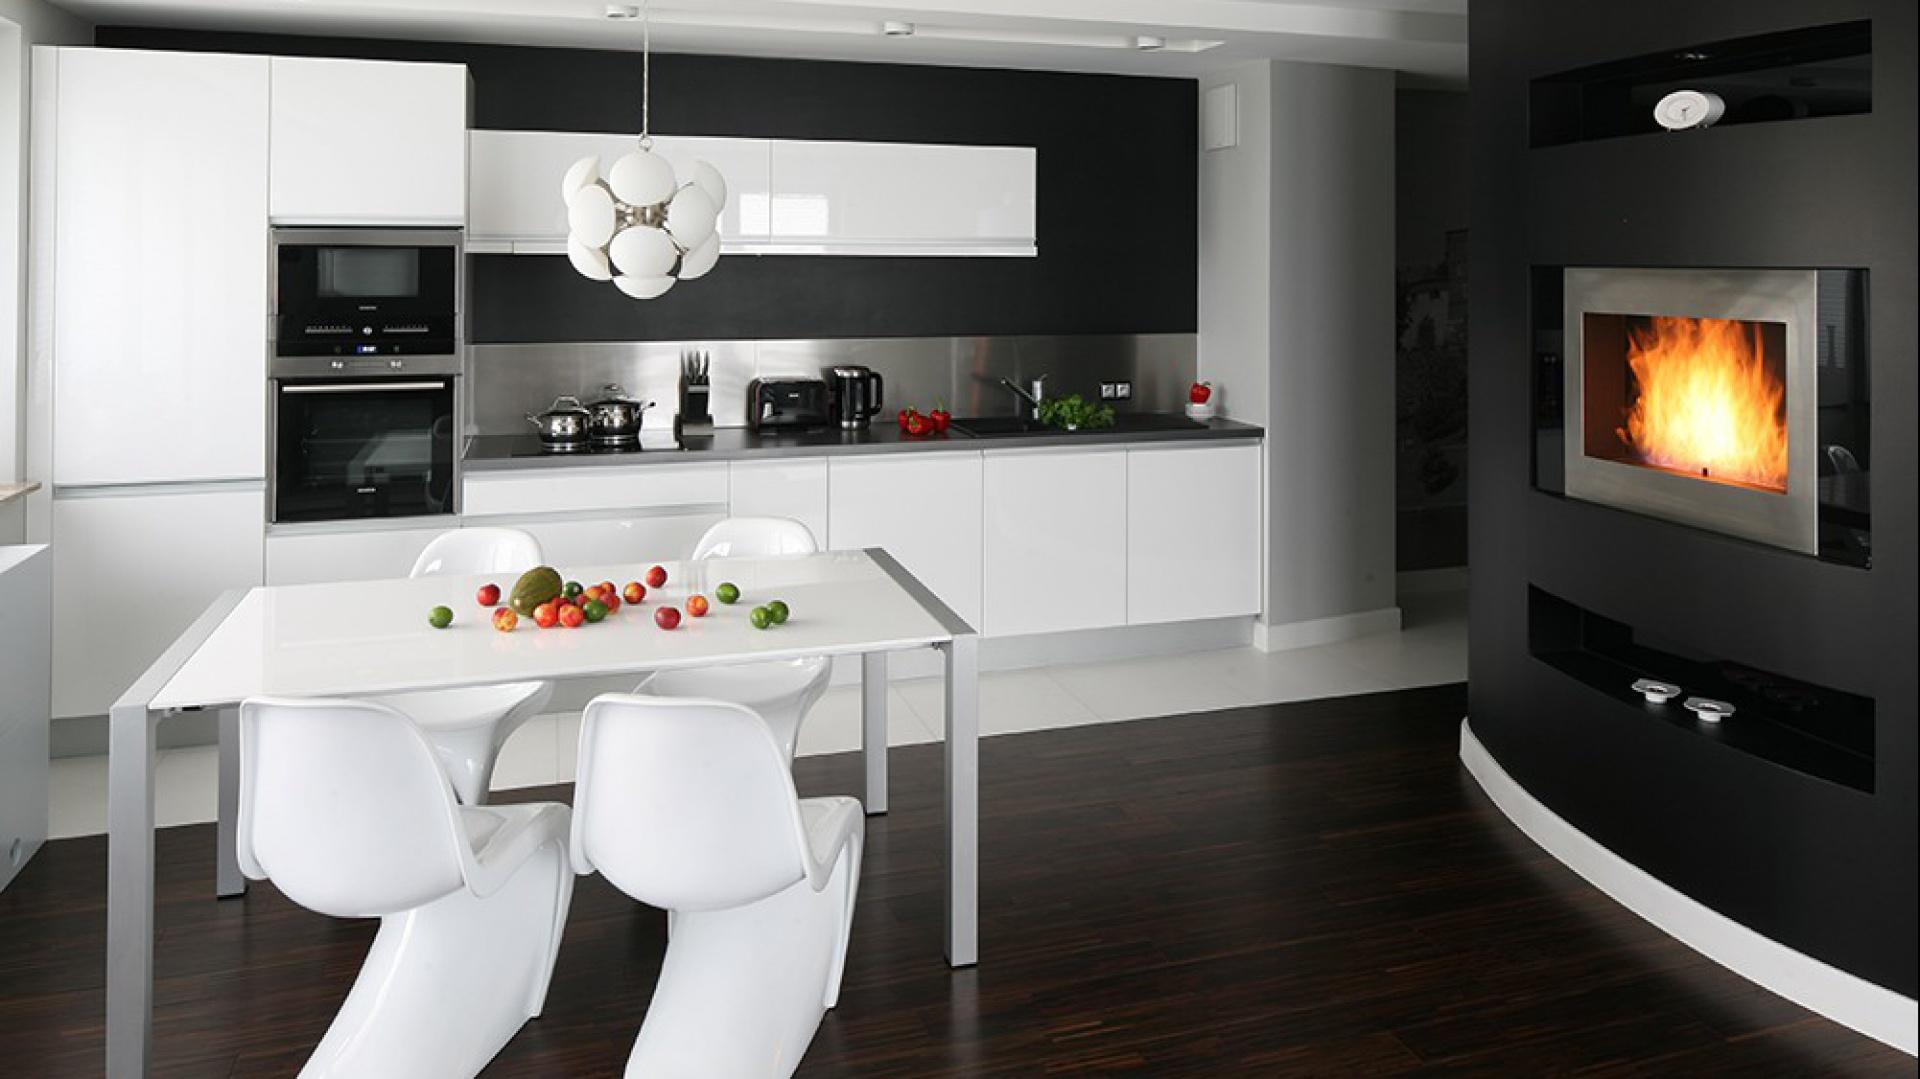 Biała kuchnia  matowa, w połysku czy łączona   -> Kuchnia Biala Lakierowana Czy Matowa